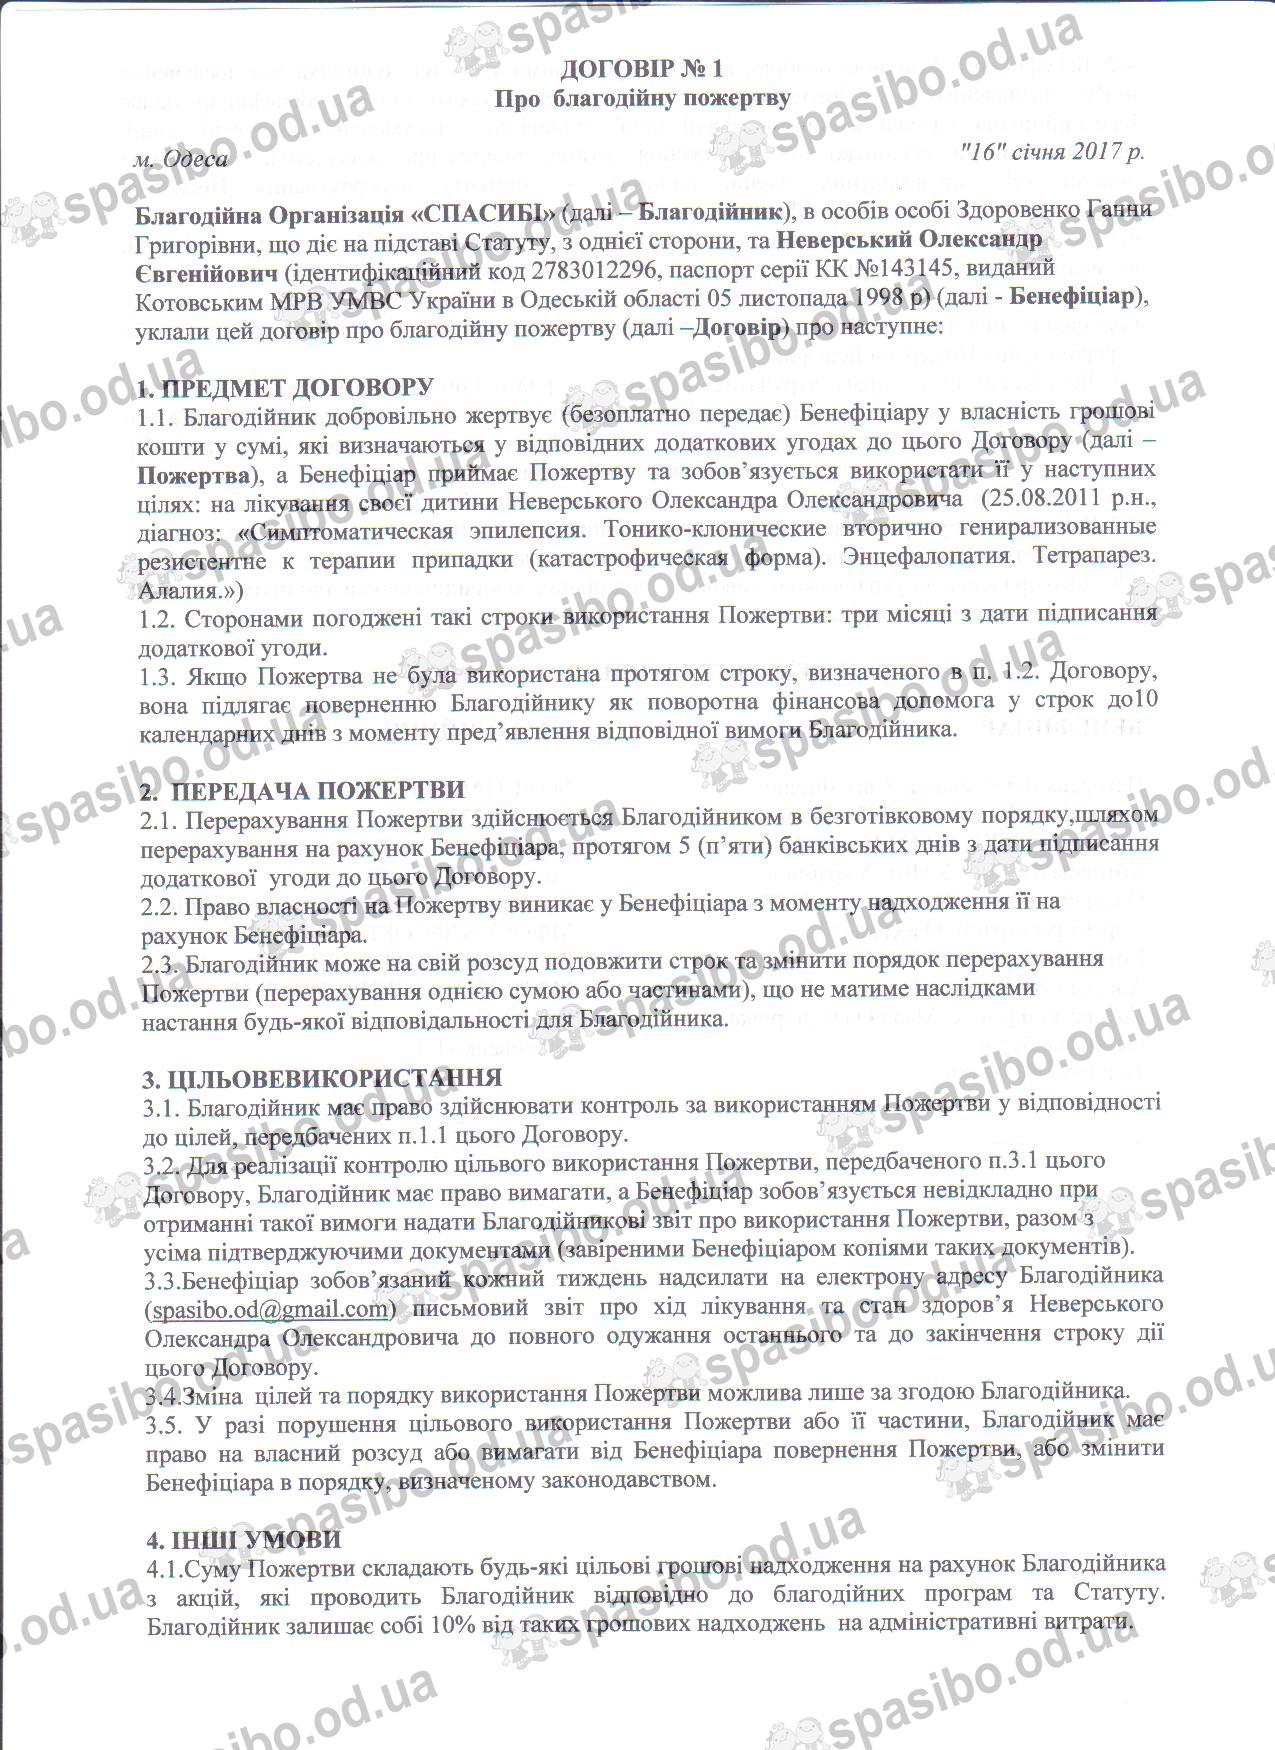 Договір про благ.пожертву №1 від 16.01.2017. СТР.1